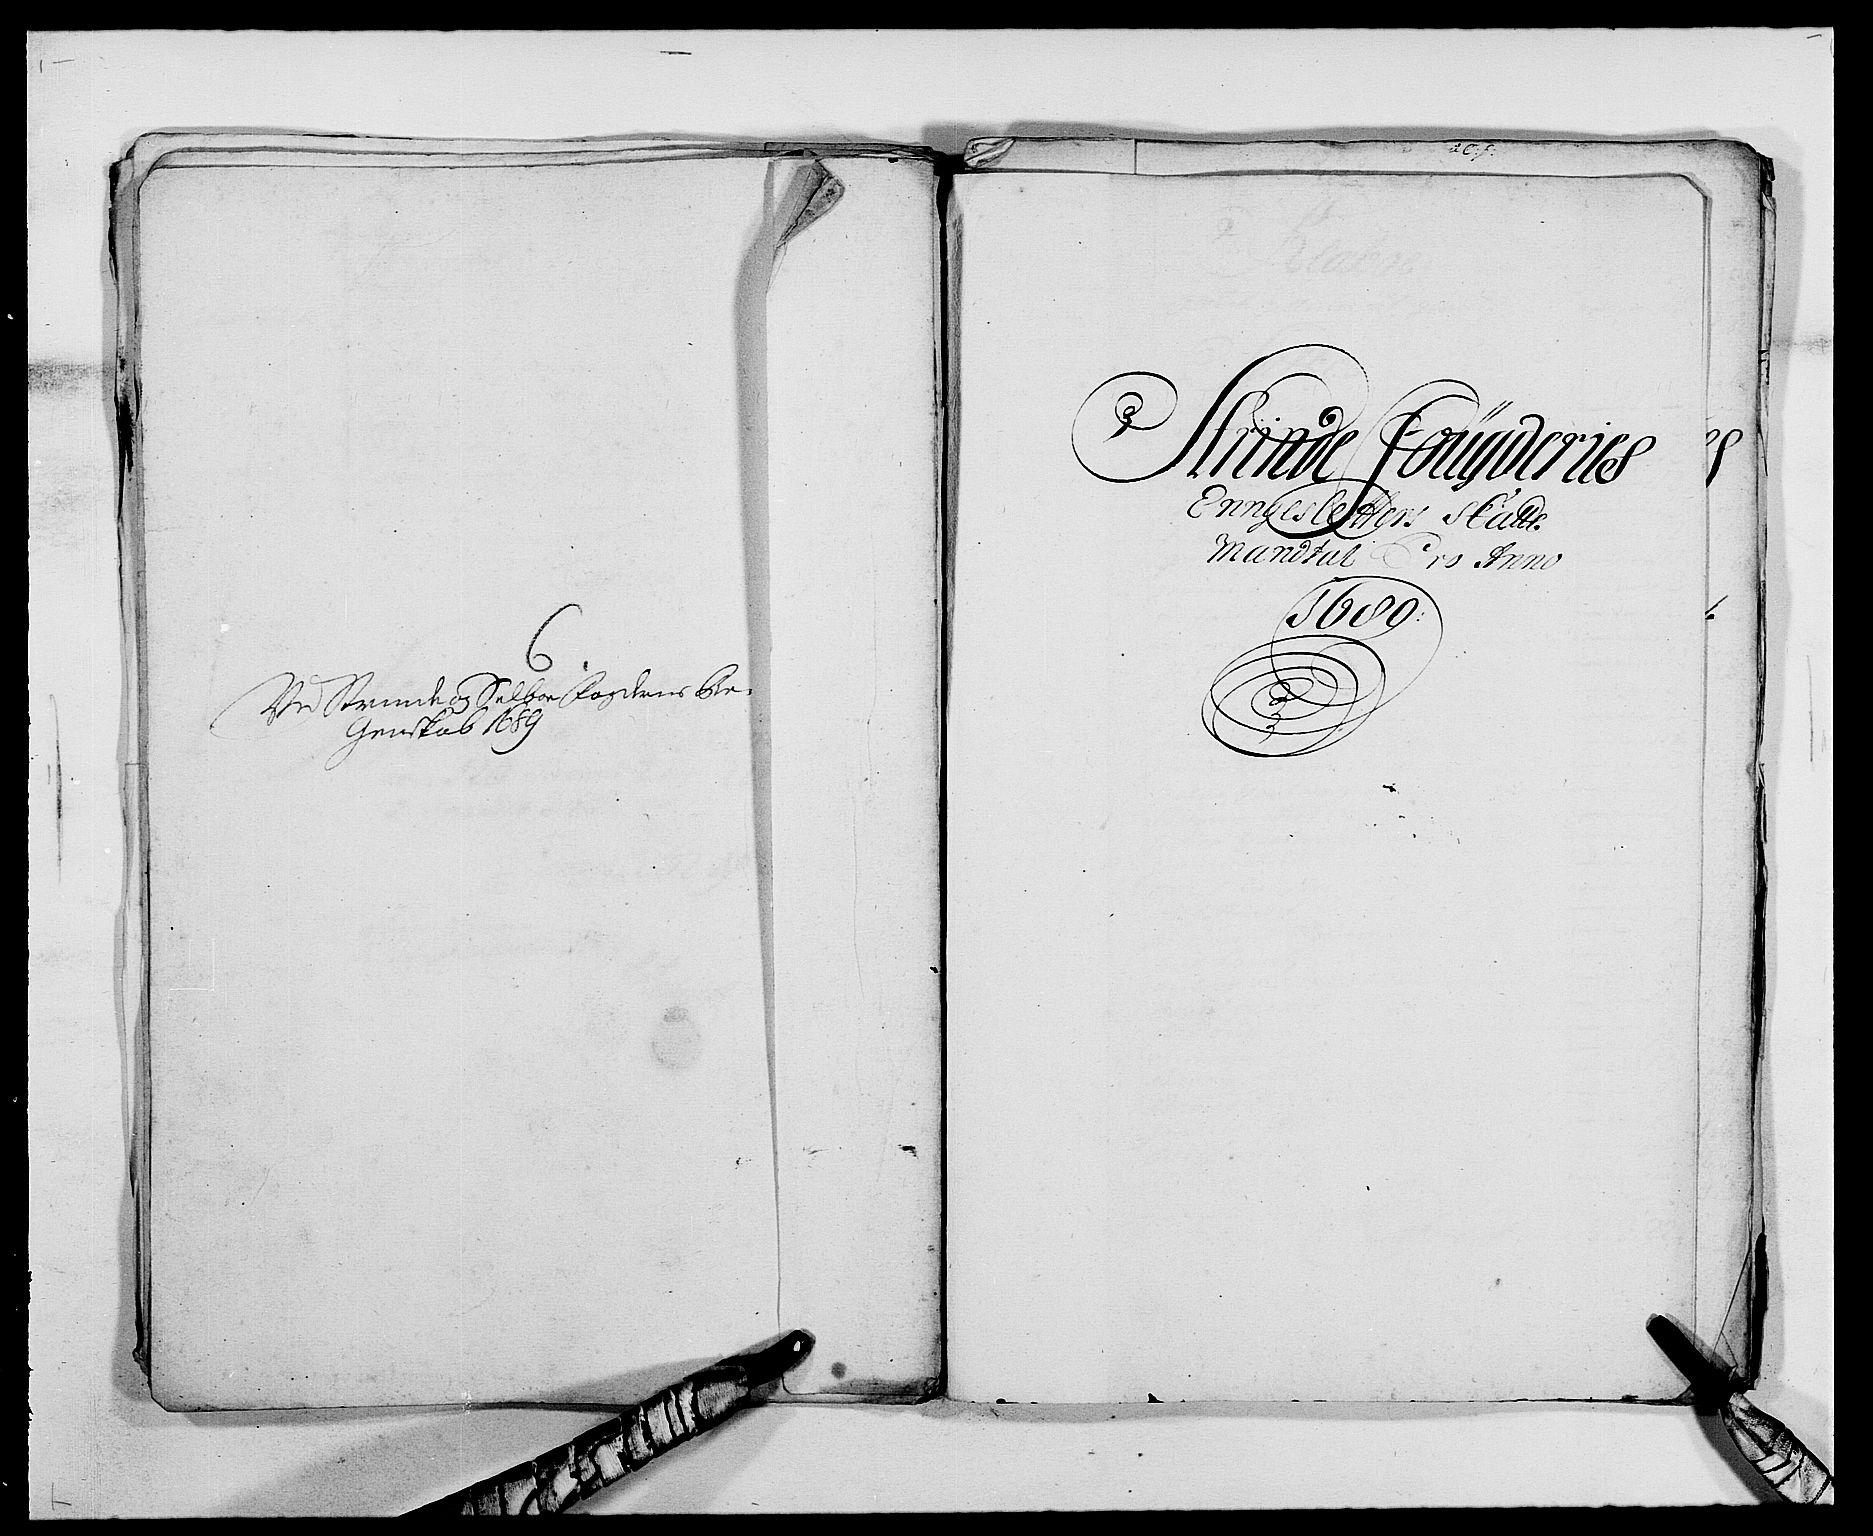 RA, Rentekammeret inntil 1814, Reviderte regnskaper, Fogderegnskap, R61/L4102: Fogderegnskap Strinda og Selbu, 1689-1690, s. 44